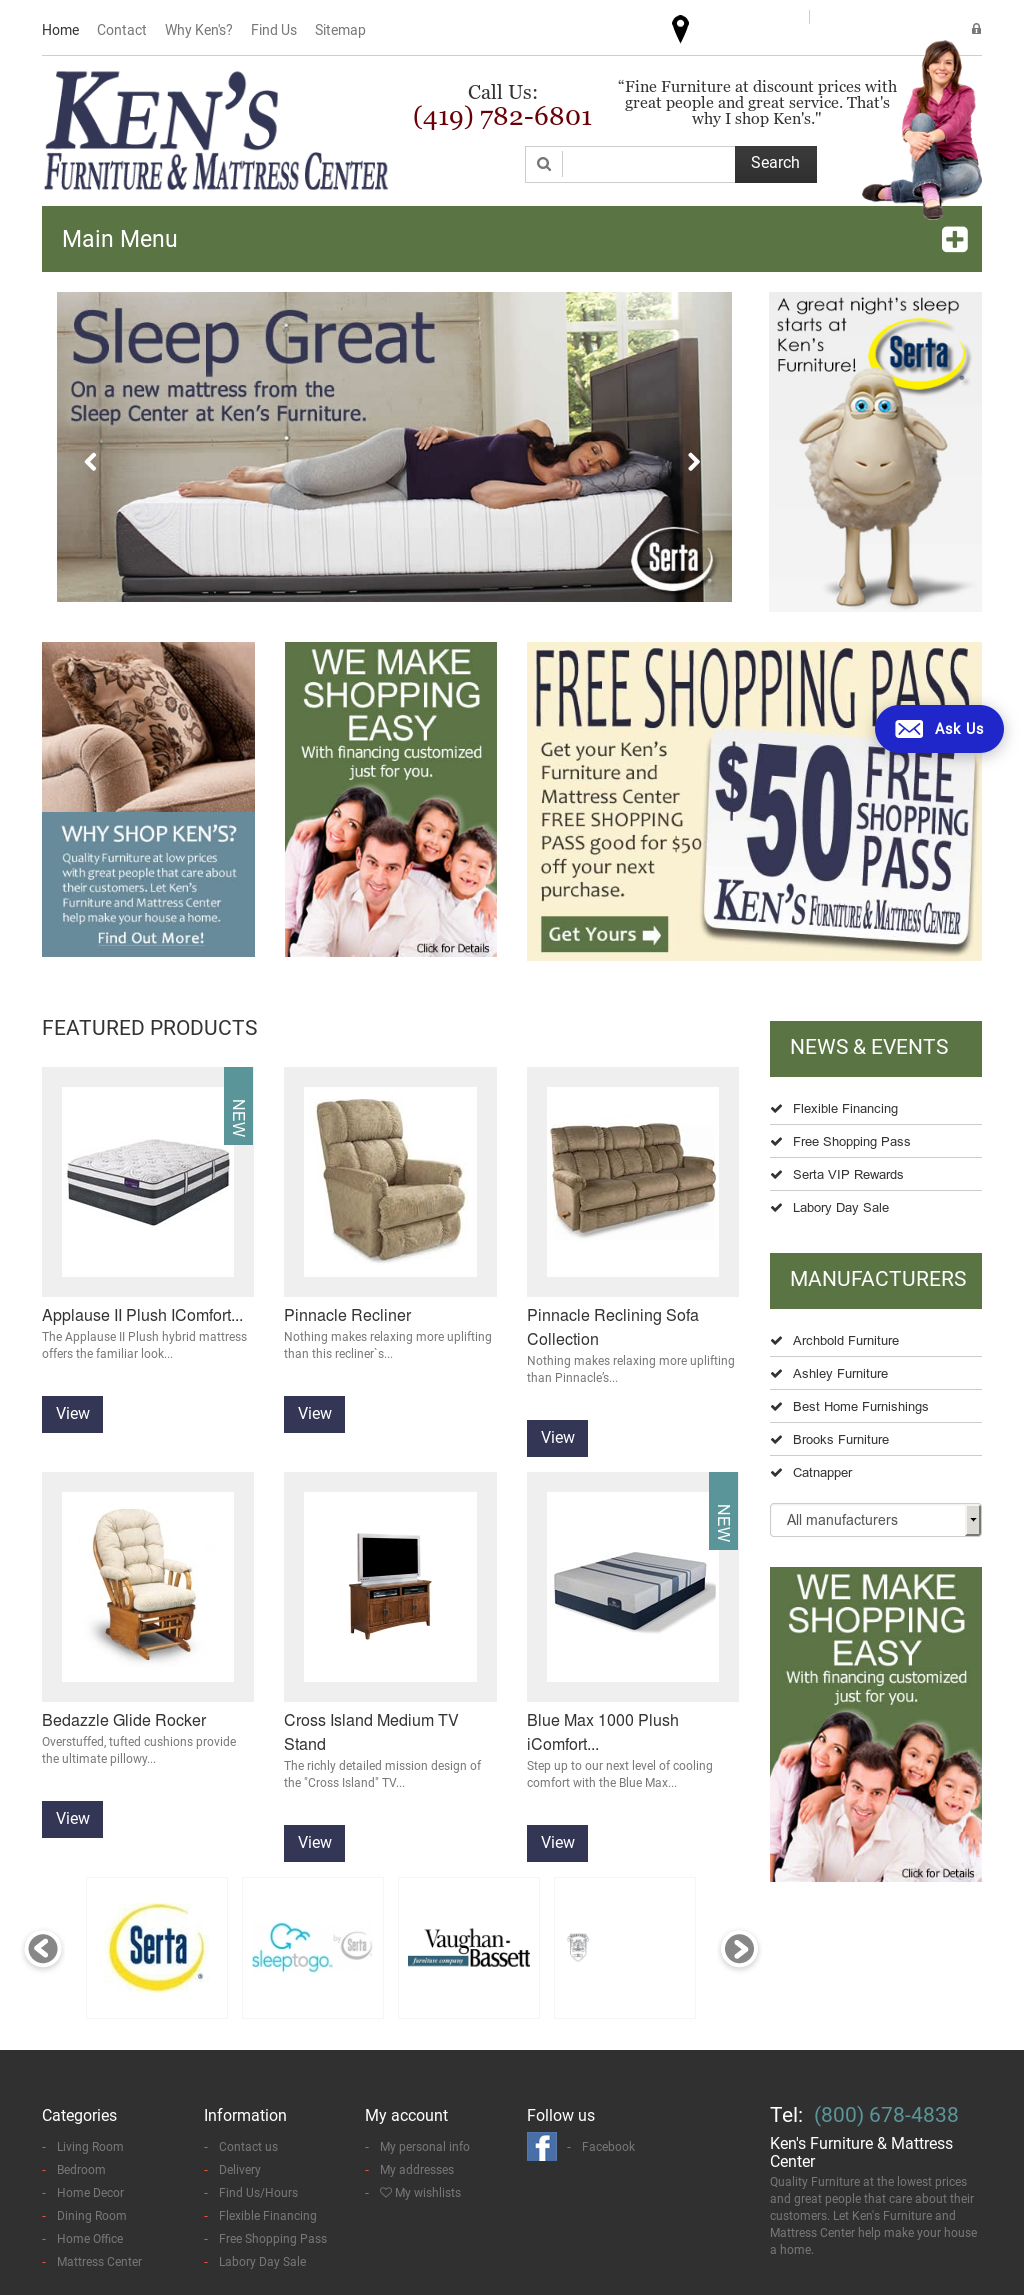 Kens Furniture Website History